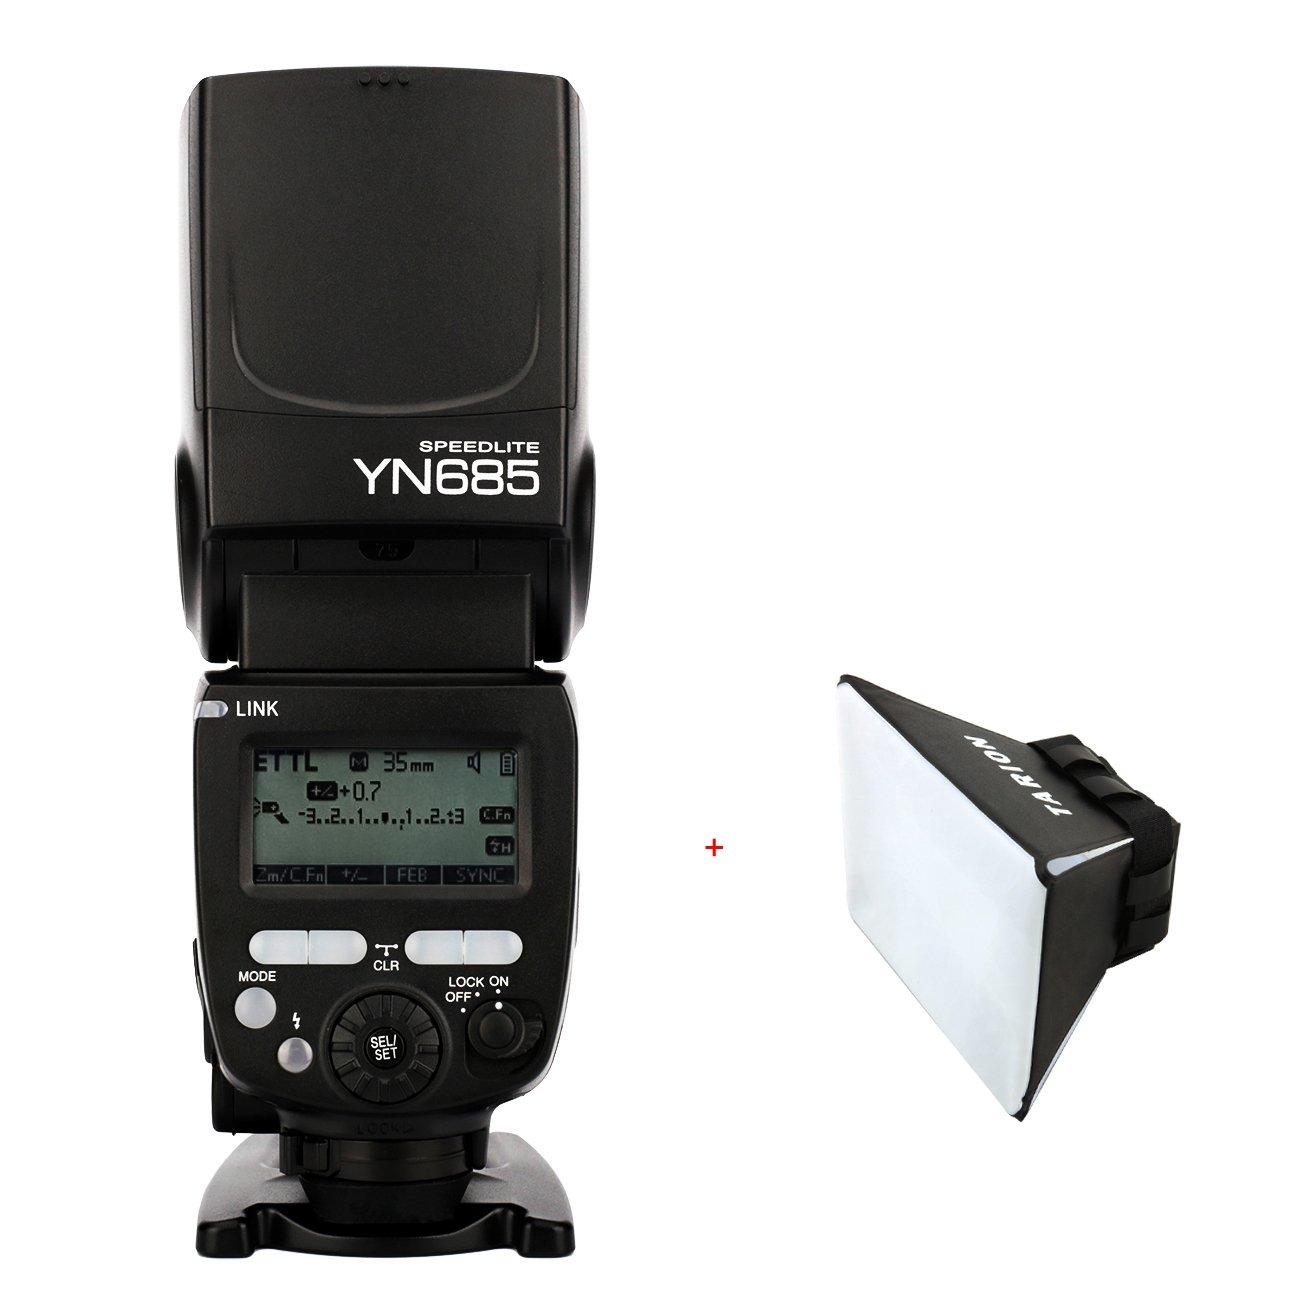 Yongnuo YN685 Speedlite GN60 1/8000 s 2,4 G Wireless TTL para la cámara réflex digital Canon es compatible con el sistema inalámbrico de YONGNUO 622C / 603 ...